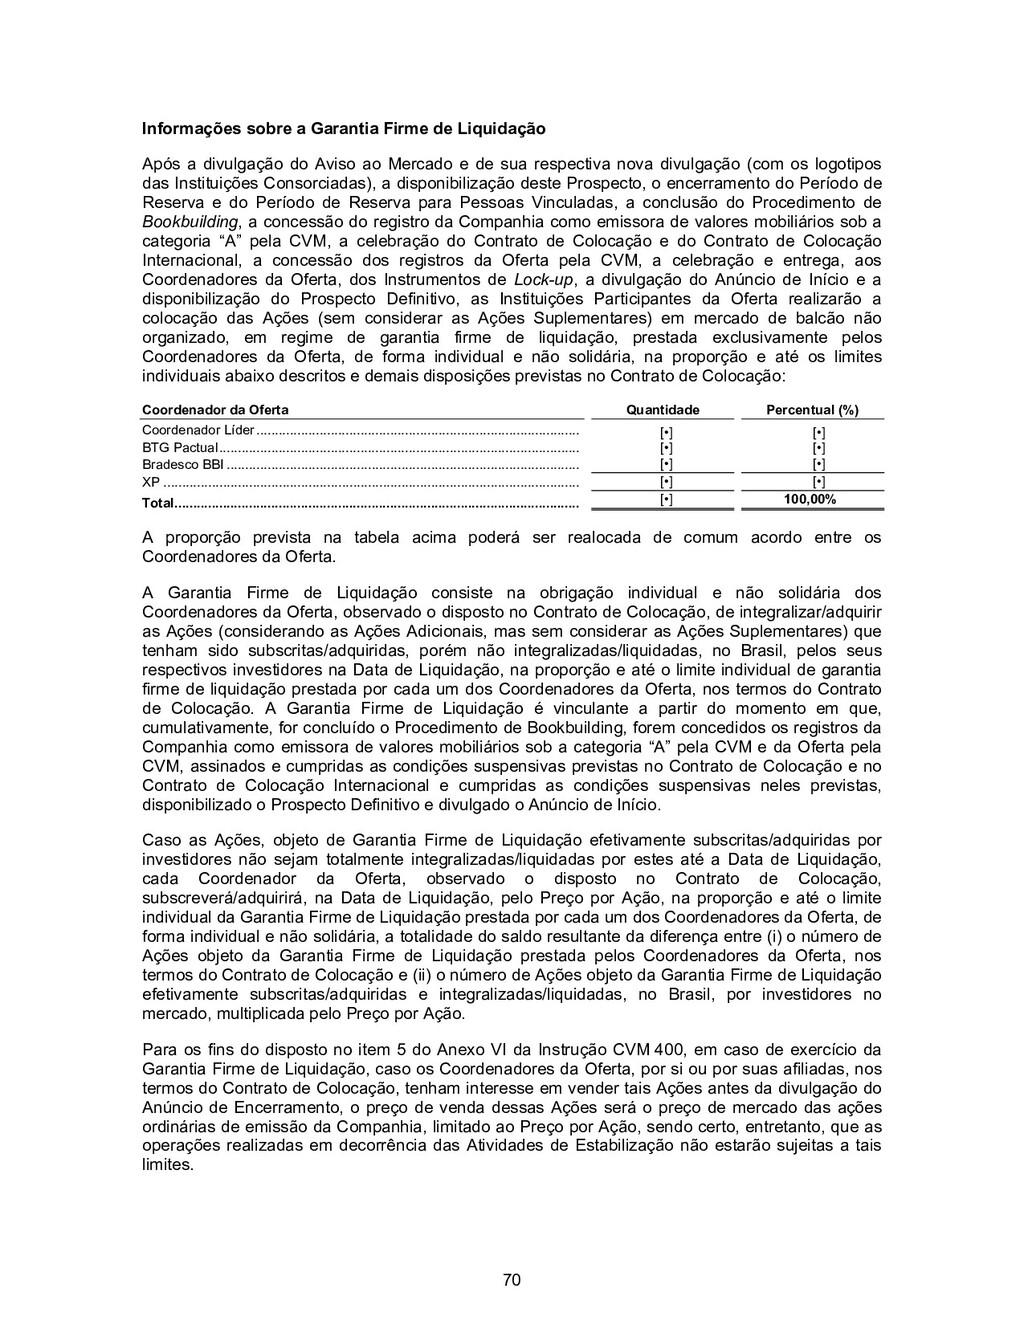 70 Informações sobre a Garantia Firme de Liquid...